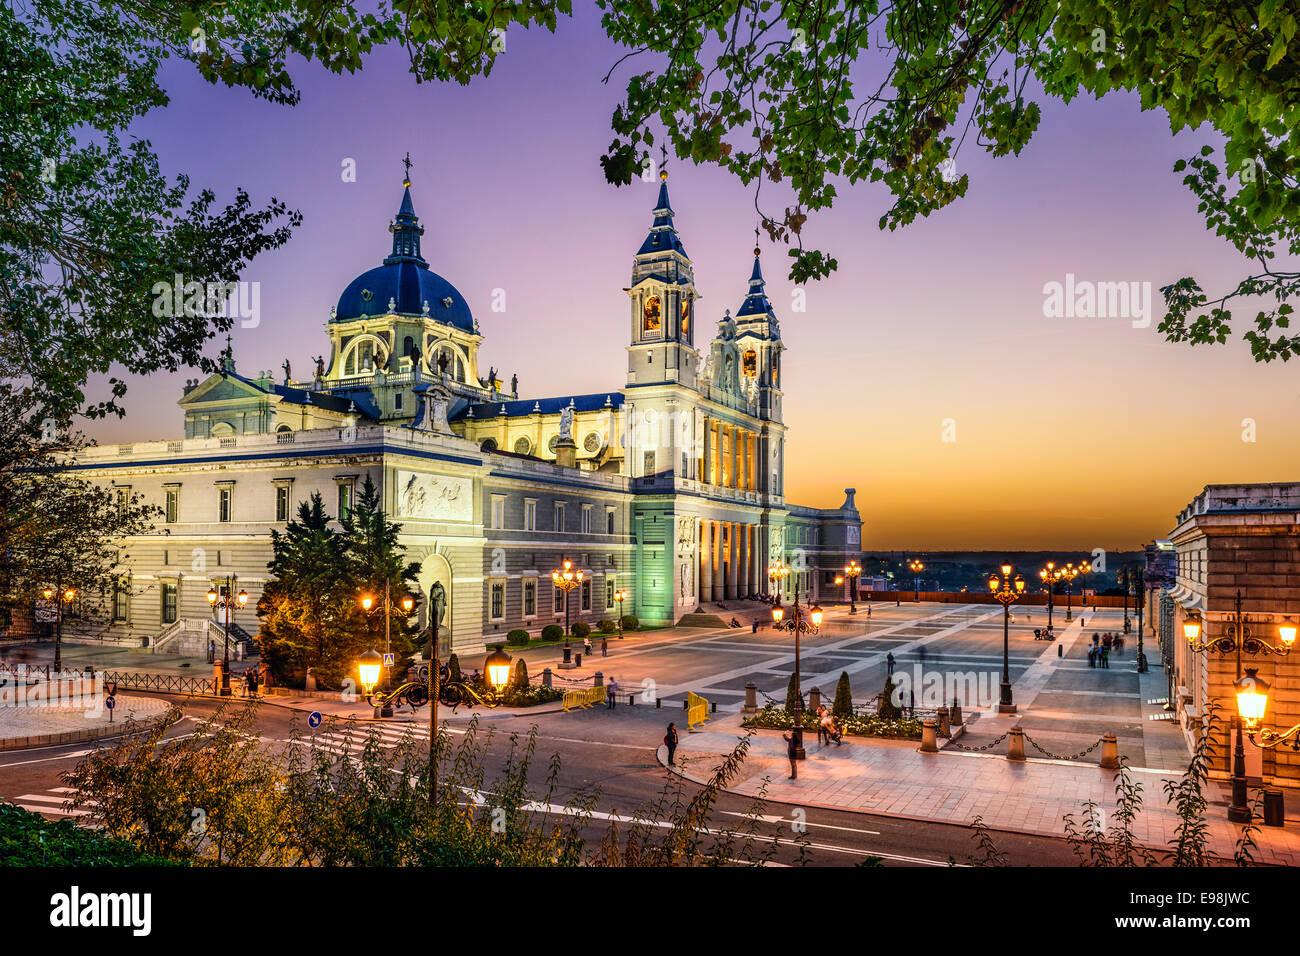 Madrid, Spagna presso la cattedrale di Almudena e il Palazzo Reale. Immagini Stock